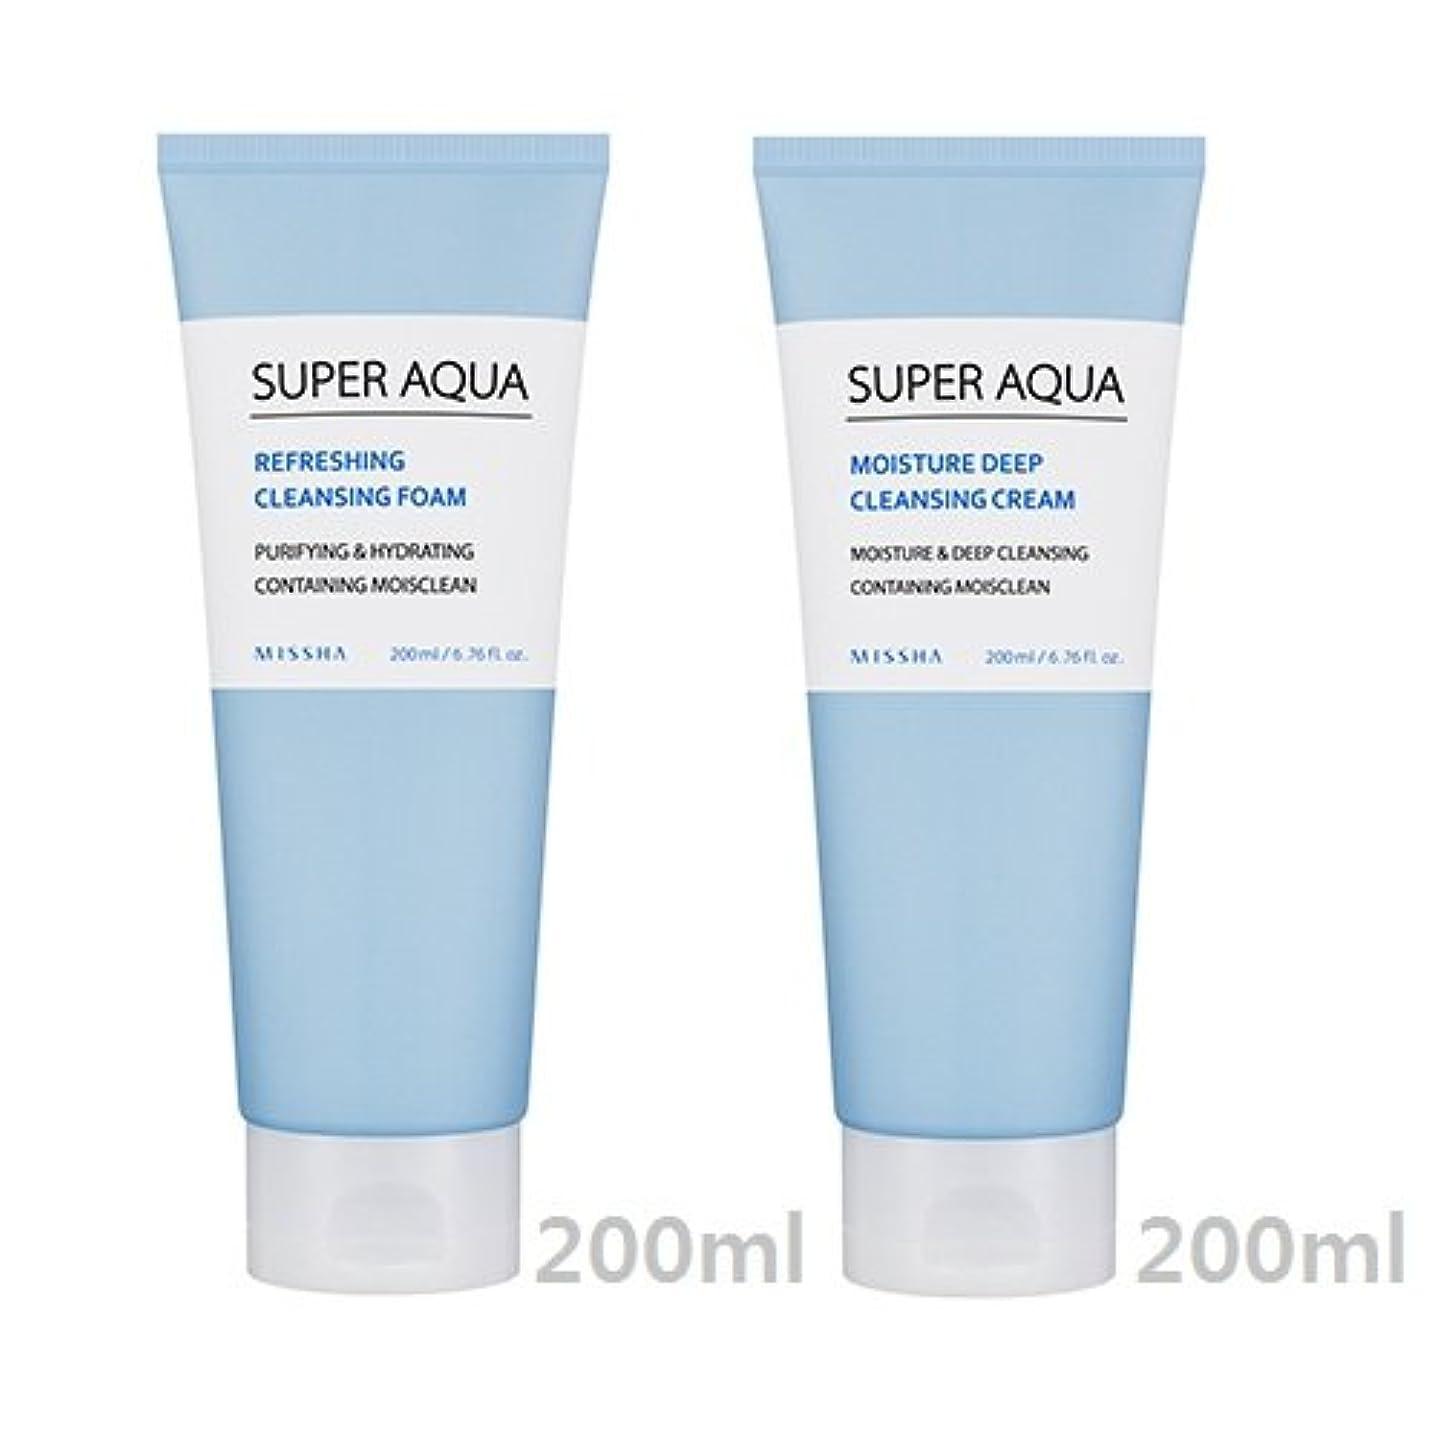 スパイ水族館後方[1+1] MISSHA Super Aqua Cleansing Cream + Foam/ミシャ スーパー アクア クレンジング クリーム + フォーム [並行輸入品]